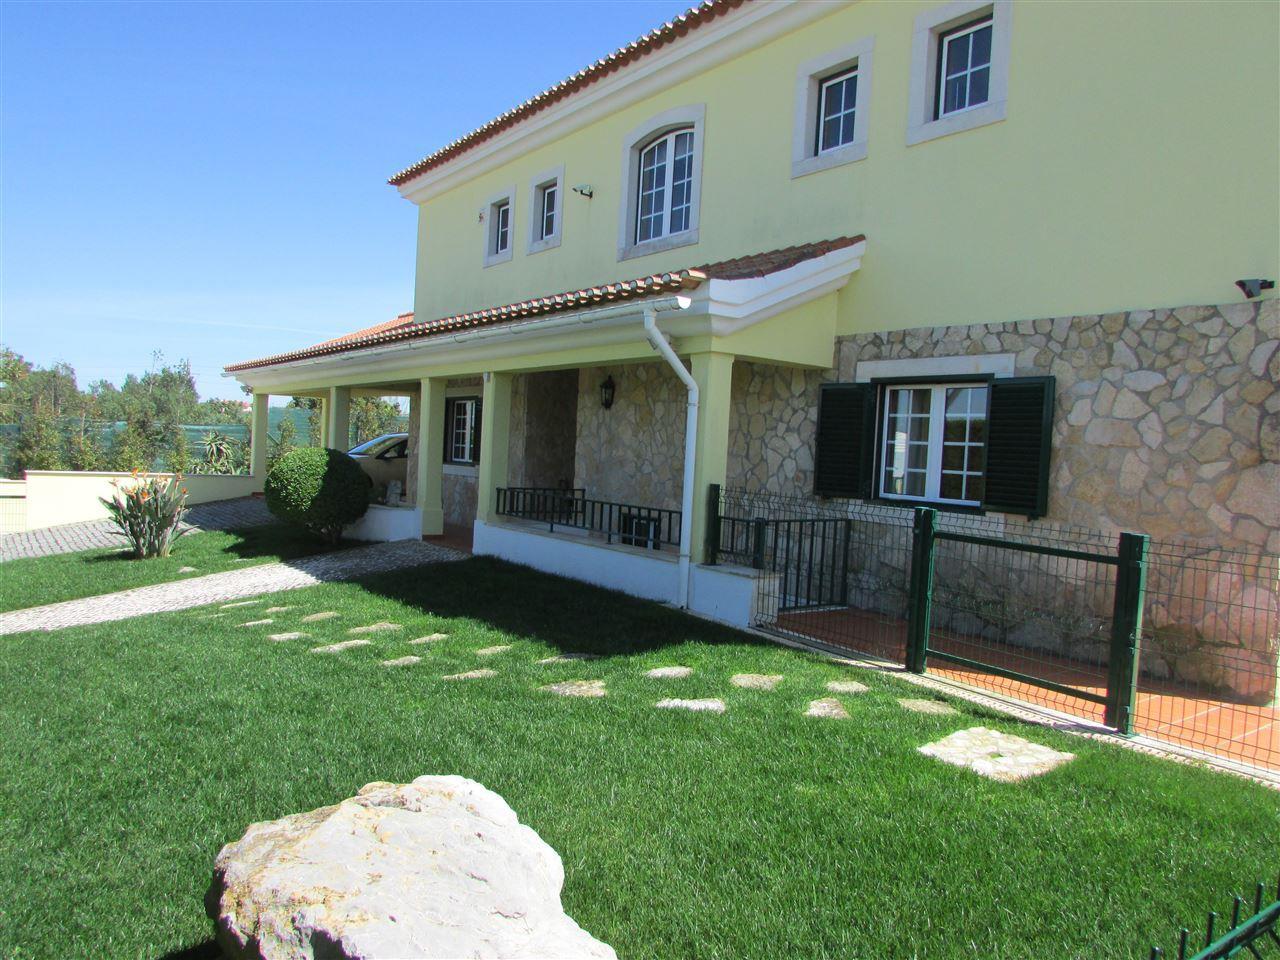 獨棟家庭住宅 為 出售 在 House, 3 bedrooms, for Sale Sintra, 葡京, 葡萄牙